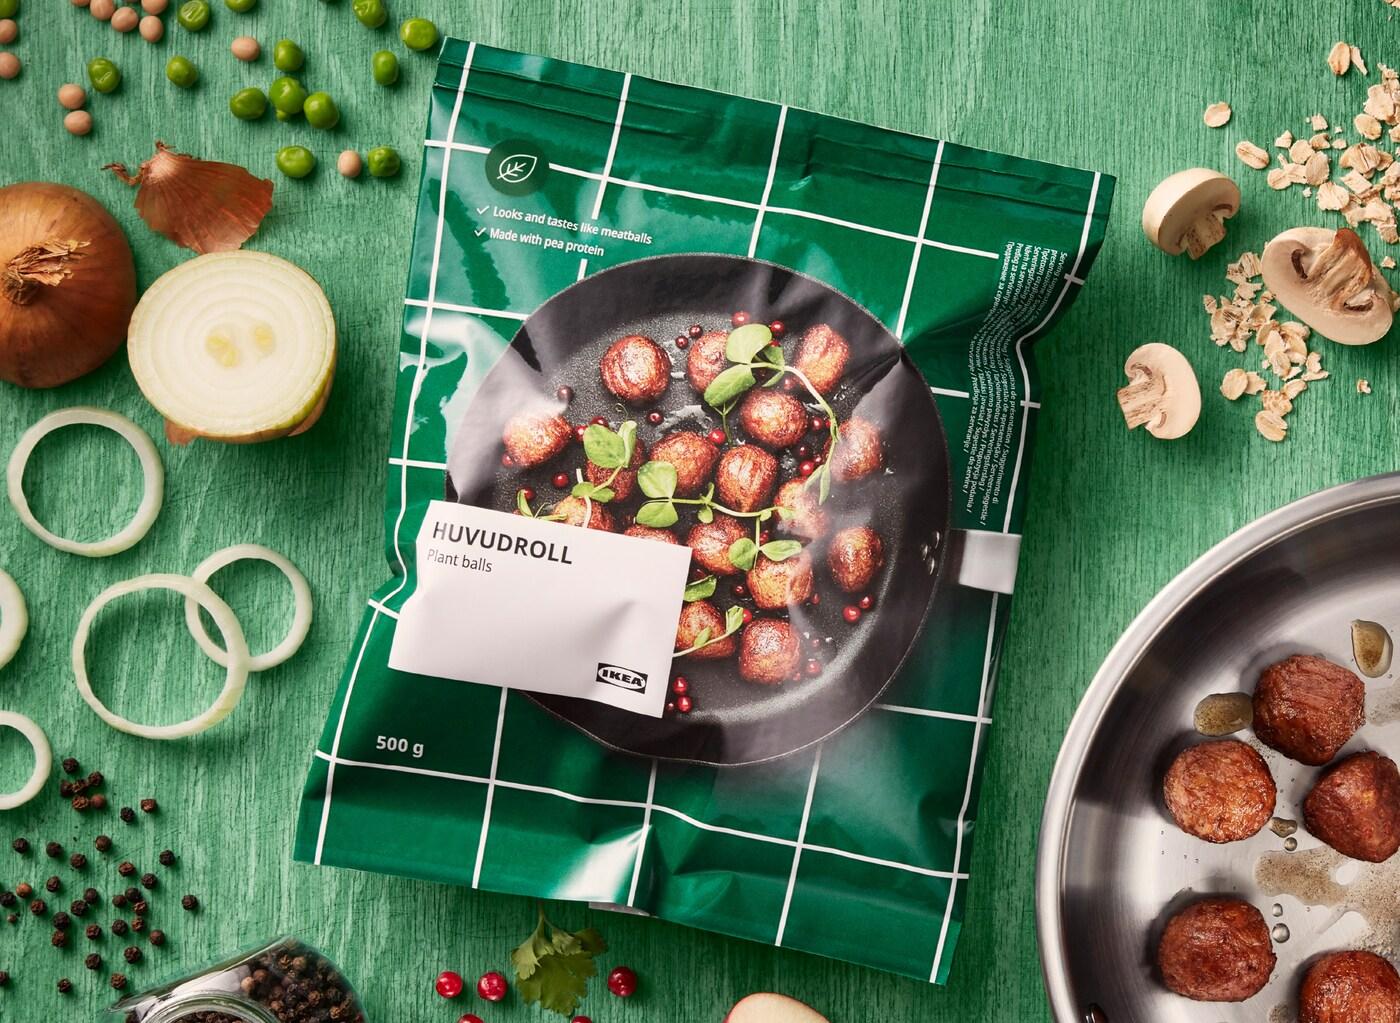 Lien vers «La boulette de viande… sans viande». Image d'un paquet de boulettes végétales HUVUDROLL de IKEA posé sur une surface en bois vert, avec des légumes coupés tout autour.